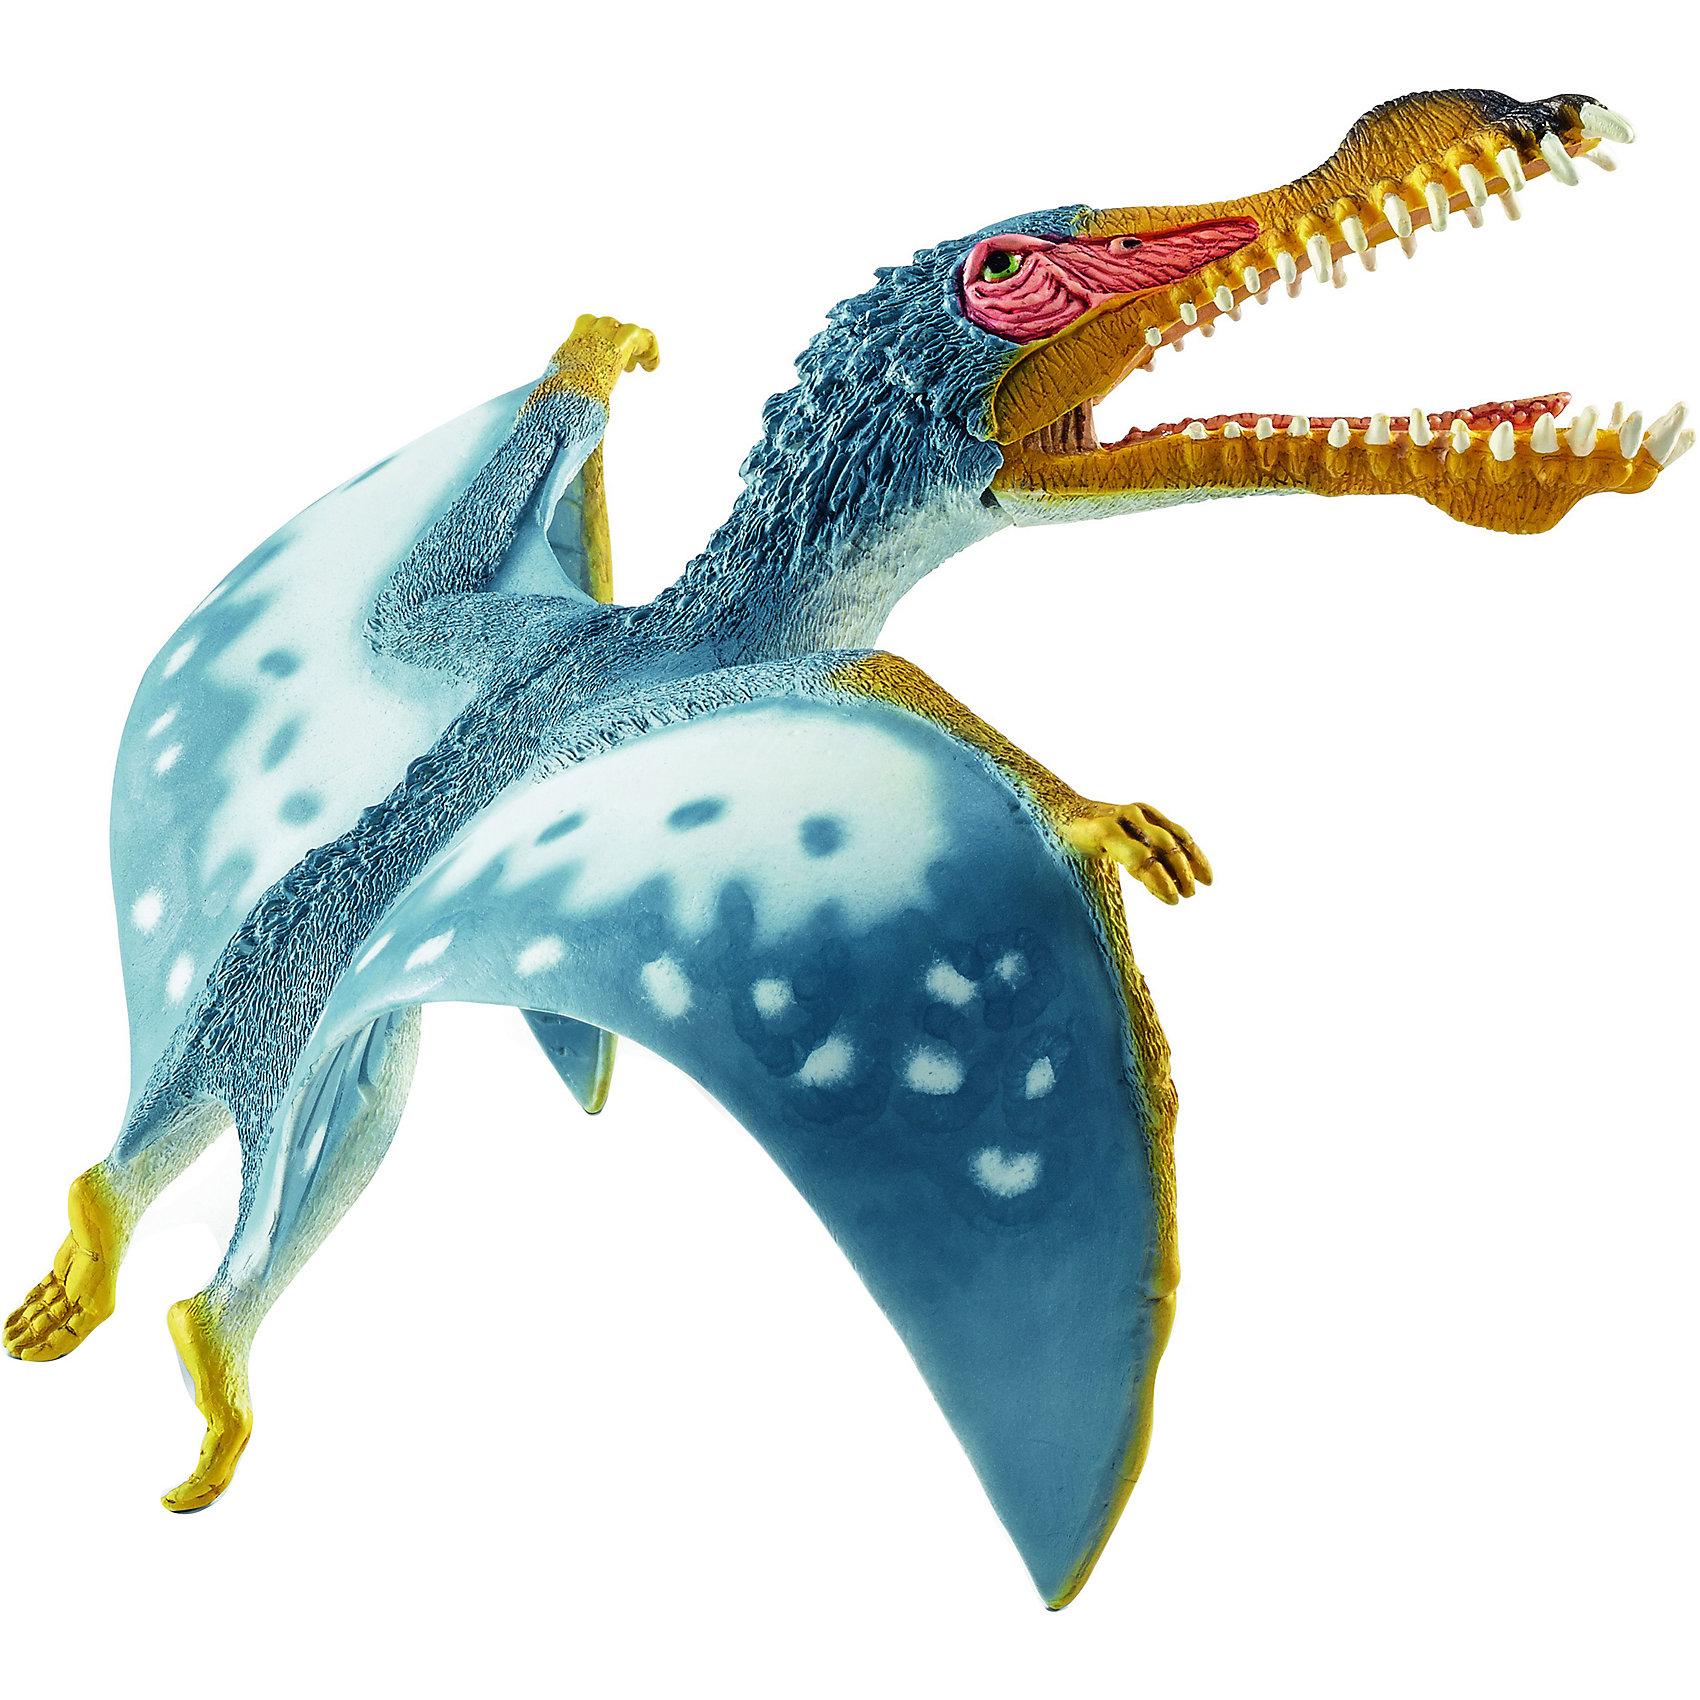 Анханкуера, SchleichАнханкуера, Schleich (Шляйх) – это высококачественная коллекционная и игровая фигурка.<br>Древнее животное Анханкуера представлено в виде фигурки птерозавра и непременно порадует маленьких любителей доисторических животных своей реалистичностью. Этот птерозавр имел узкое тело, длинный череп, похожий на голову крокодила, длинные острые зубы и очень широкие крылья. Их размах доходил до 4-х метров. <br>Прекрасно выполненные фигурки Schleich (Шляйх) отличаются высочайшим качеством игрушек ручной работы. Каждая фигурка разработана с учетом исследований в области педагогики и производится как настоящее произведение для маленьких детских ручек. Все фигурки Schleich (Шляйх) сделаны из гипоаллергенных высокотехнологичных материалов, раскрашены вручную и не вызывают аллергии у ребенка.<br><br>Дополнительная информация:<br><br>- Размер фигурки: 6 х 14,2 х 14 см.<br>- Материал: высококачественный каучуковый пластик<br><br>Фигурку Анханкуера, Schleich (Шляйх) можно купить в нашем интернет-магазине.<br><br>Ширина мм: 78<br>Глубина мм: 180<br>Высота мм: 4<br>Вес г: 62<br>Возраст от месяцев: 36<br>Возраст до месяцев: 96<br>Пол: Мужской<br>Возраст: Детский<br>SKU: 3902523